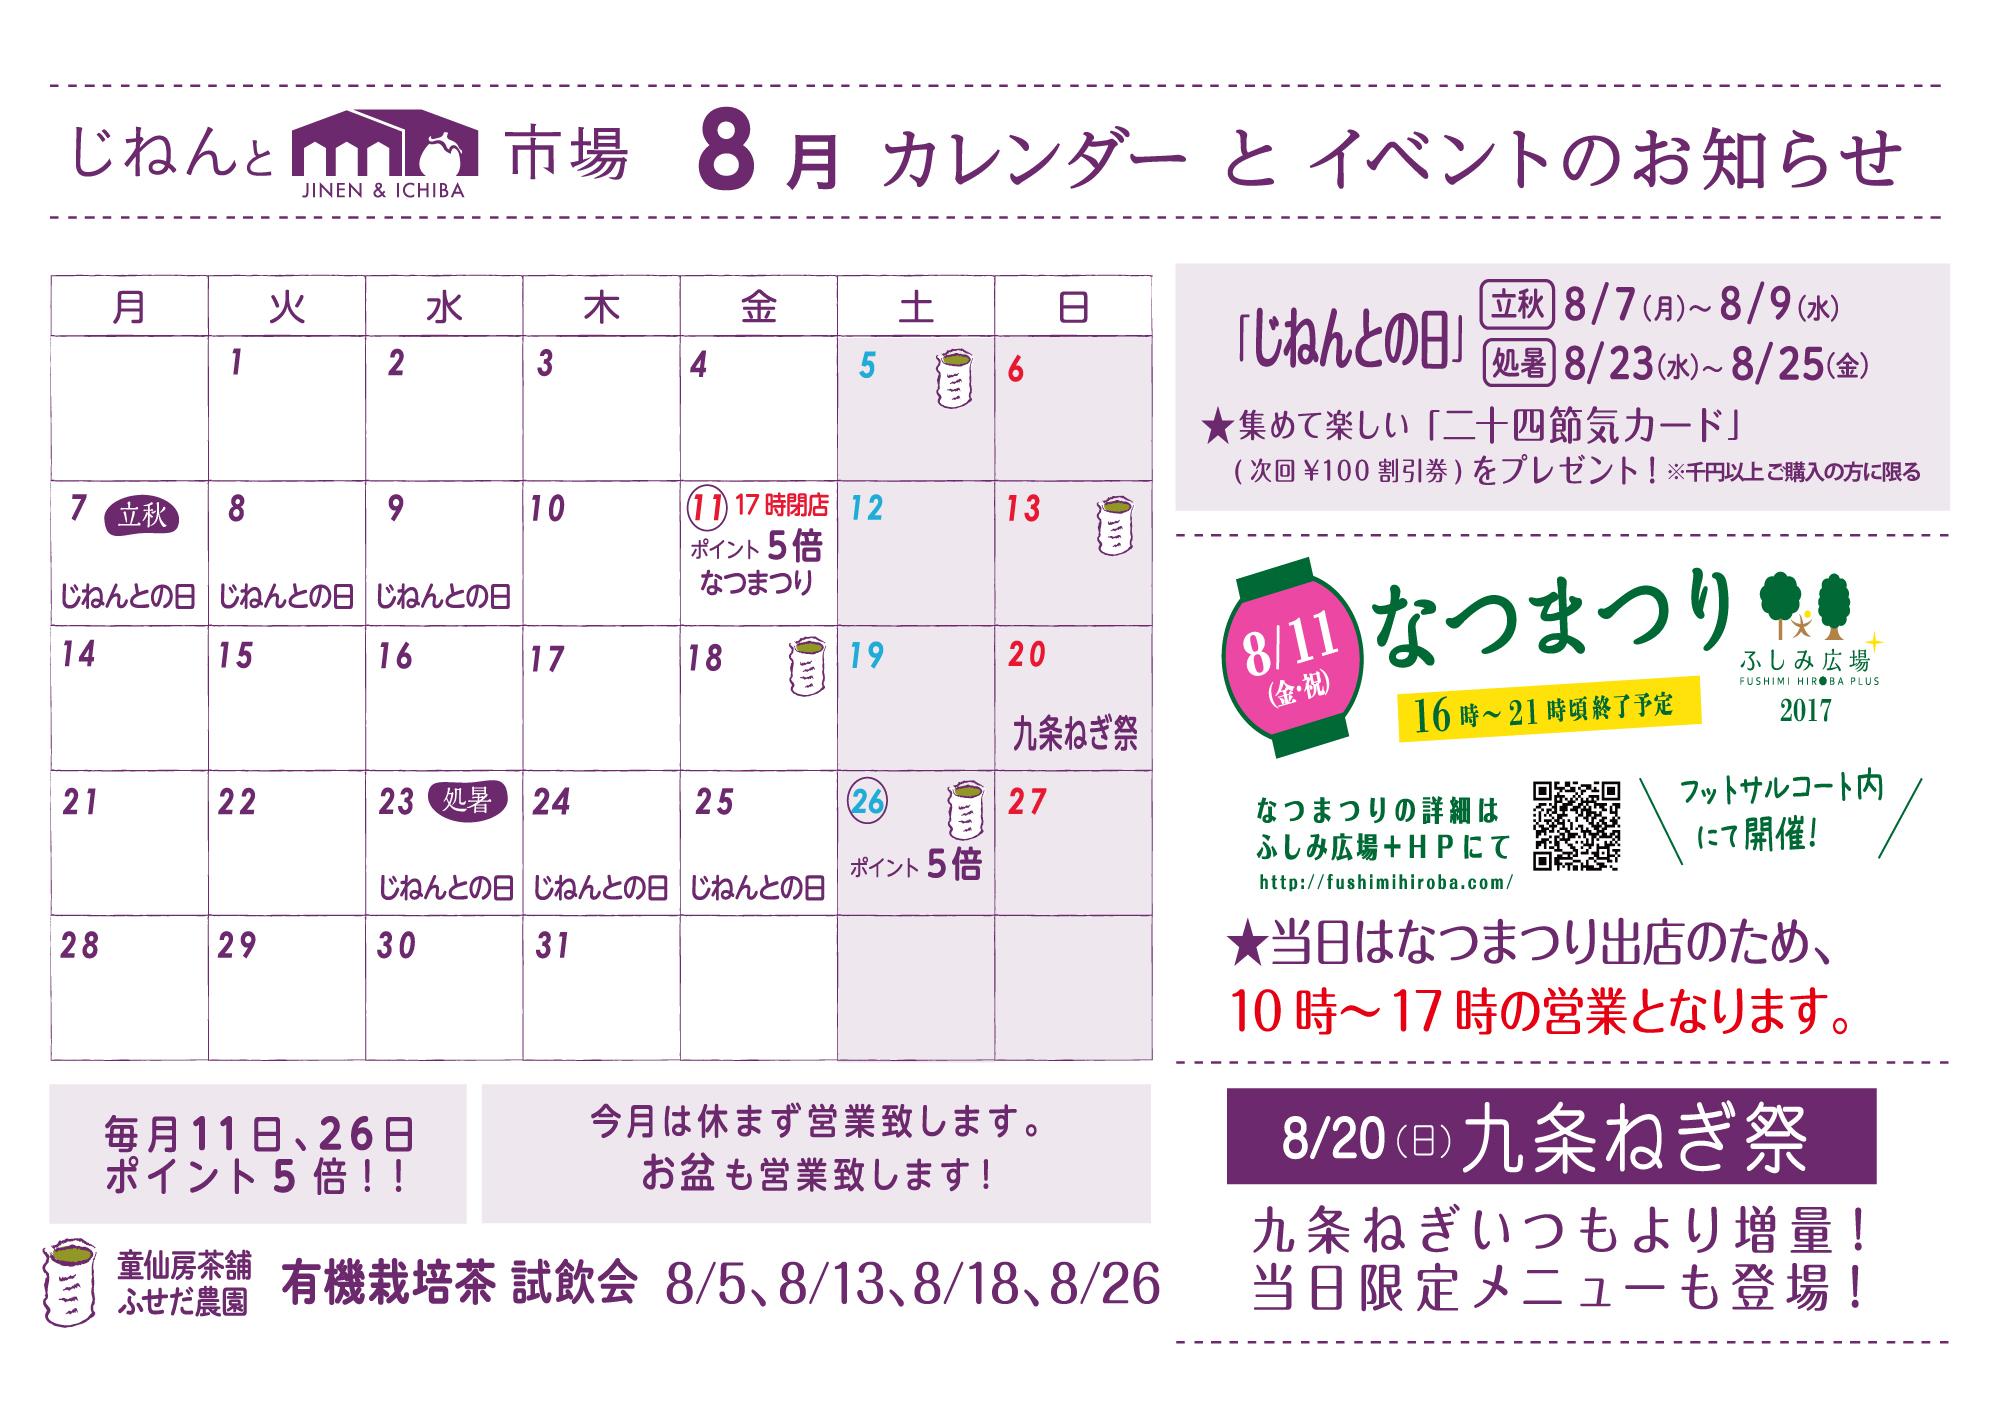 じねんと市場8月イベントカレンダー